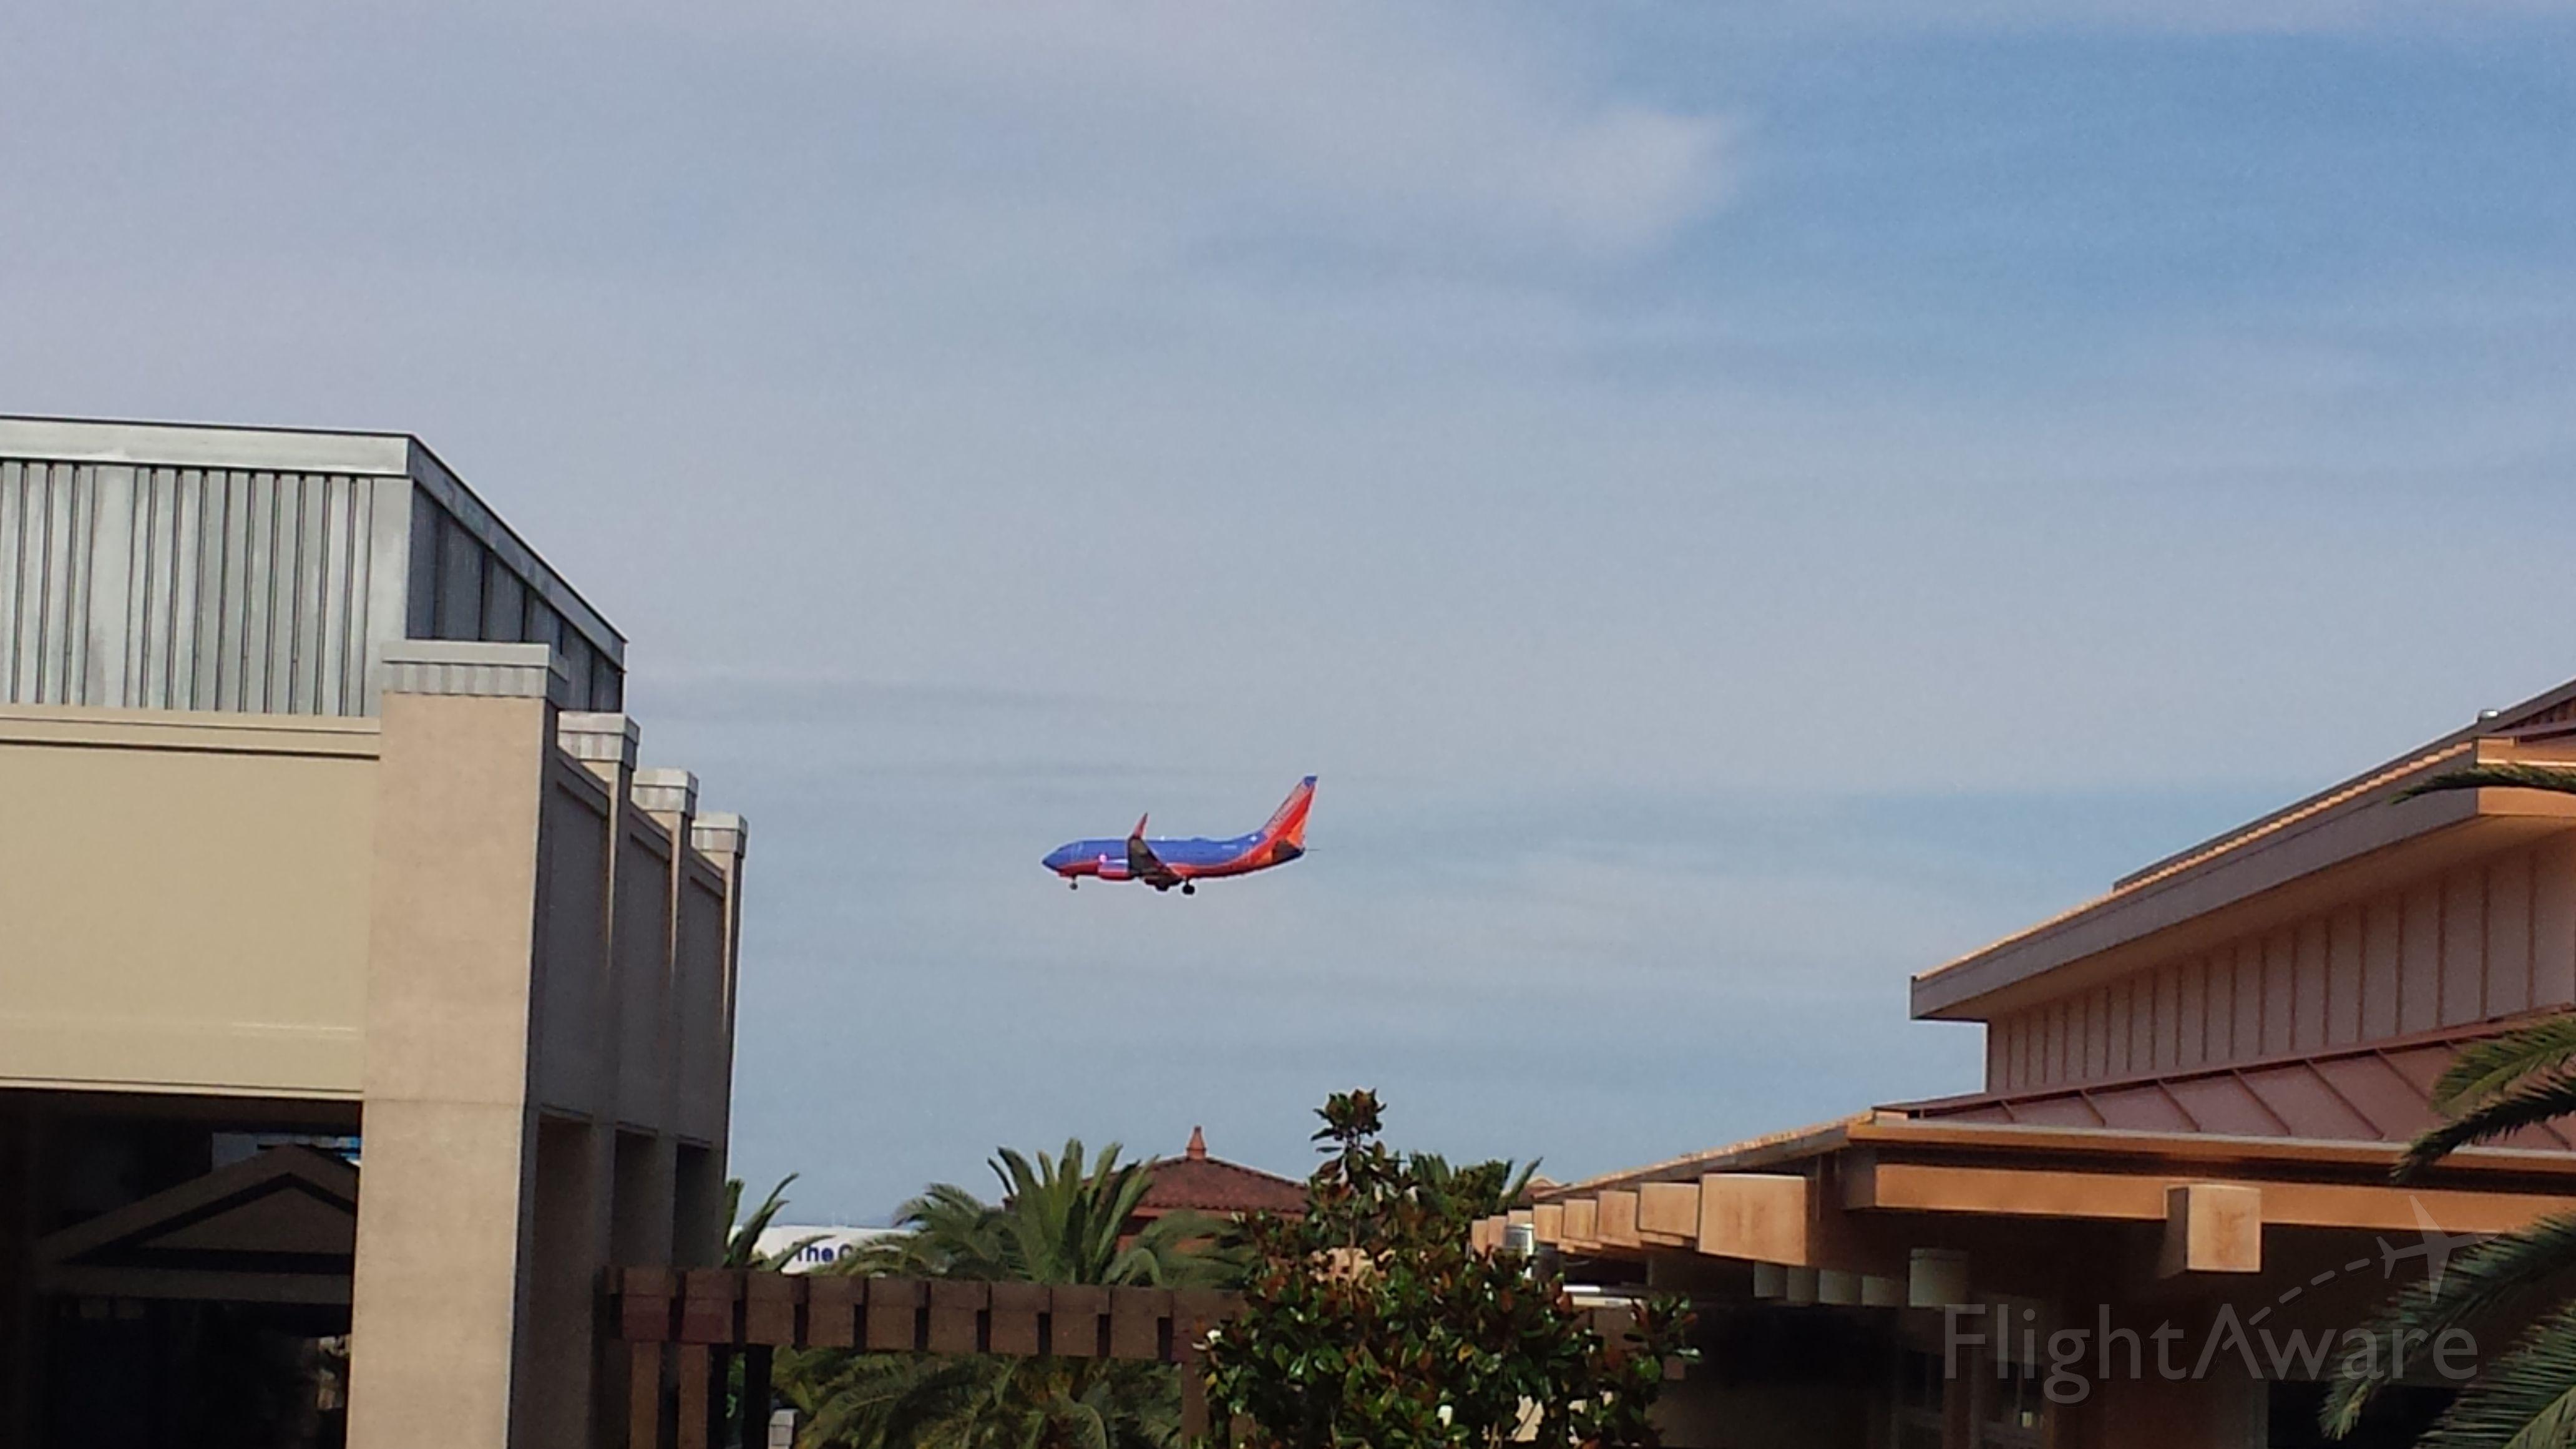 — — - Various Southwest flights landing at LAS on runway 1R